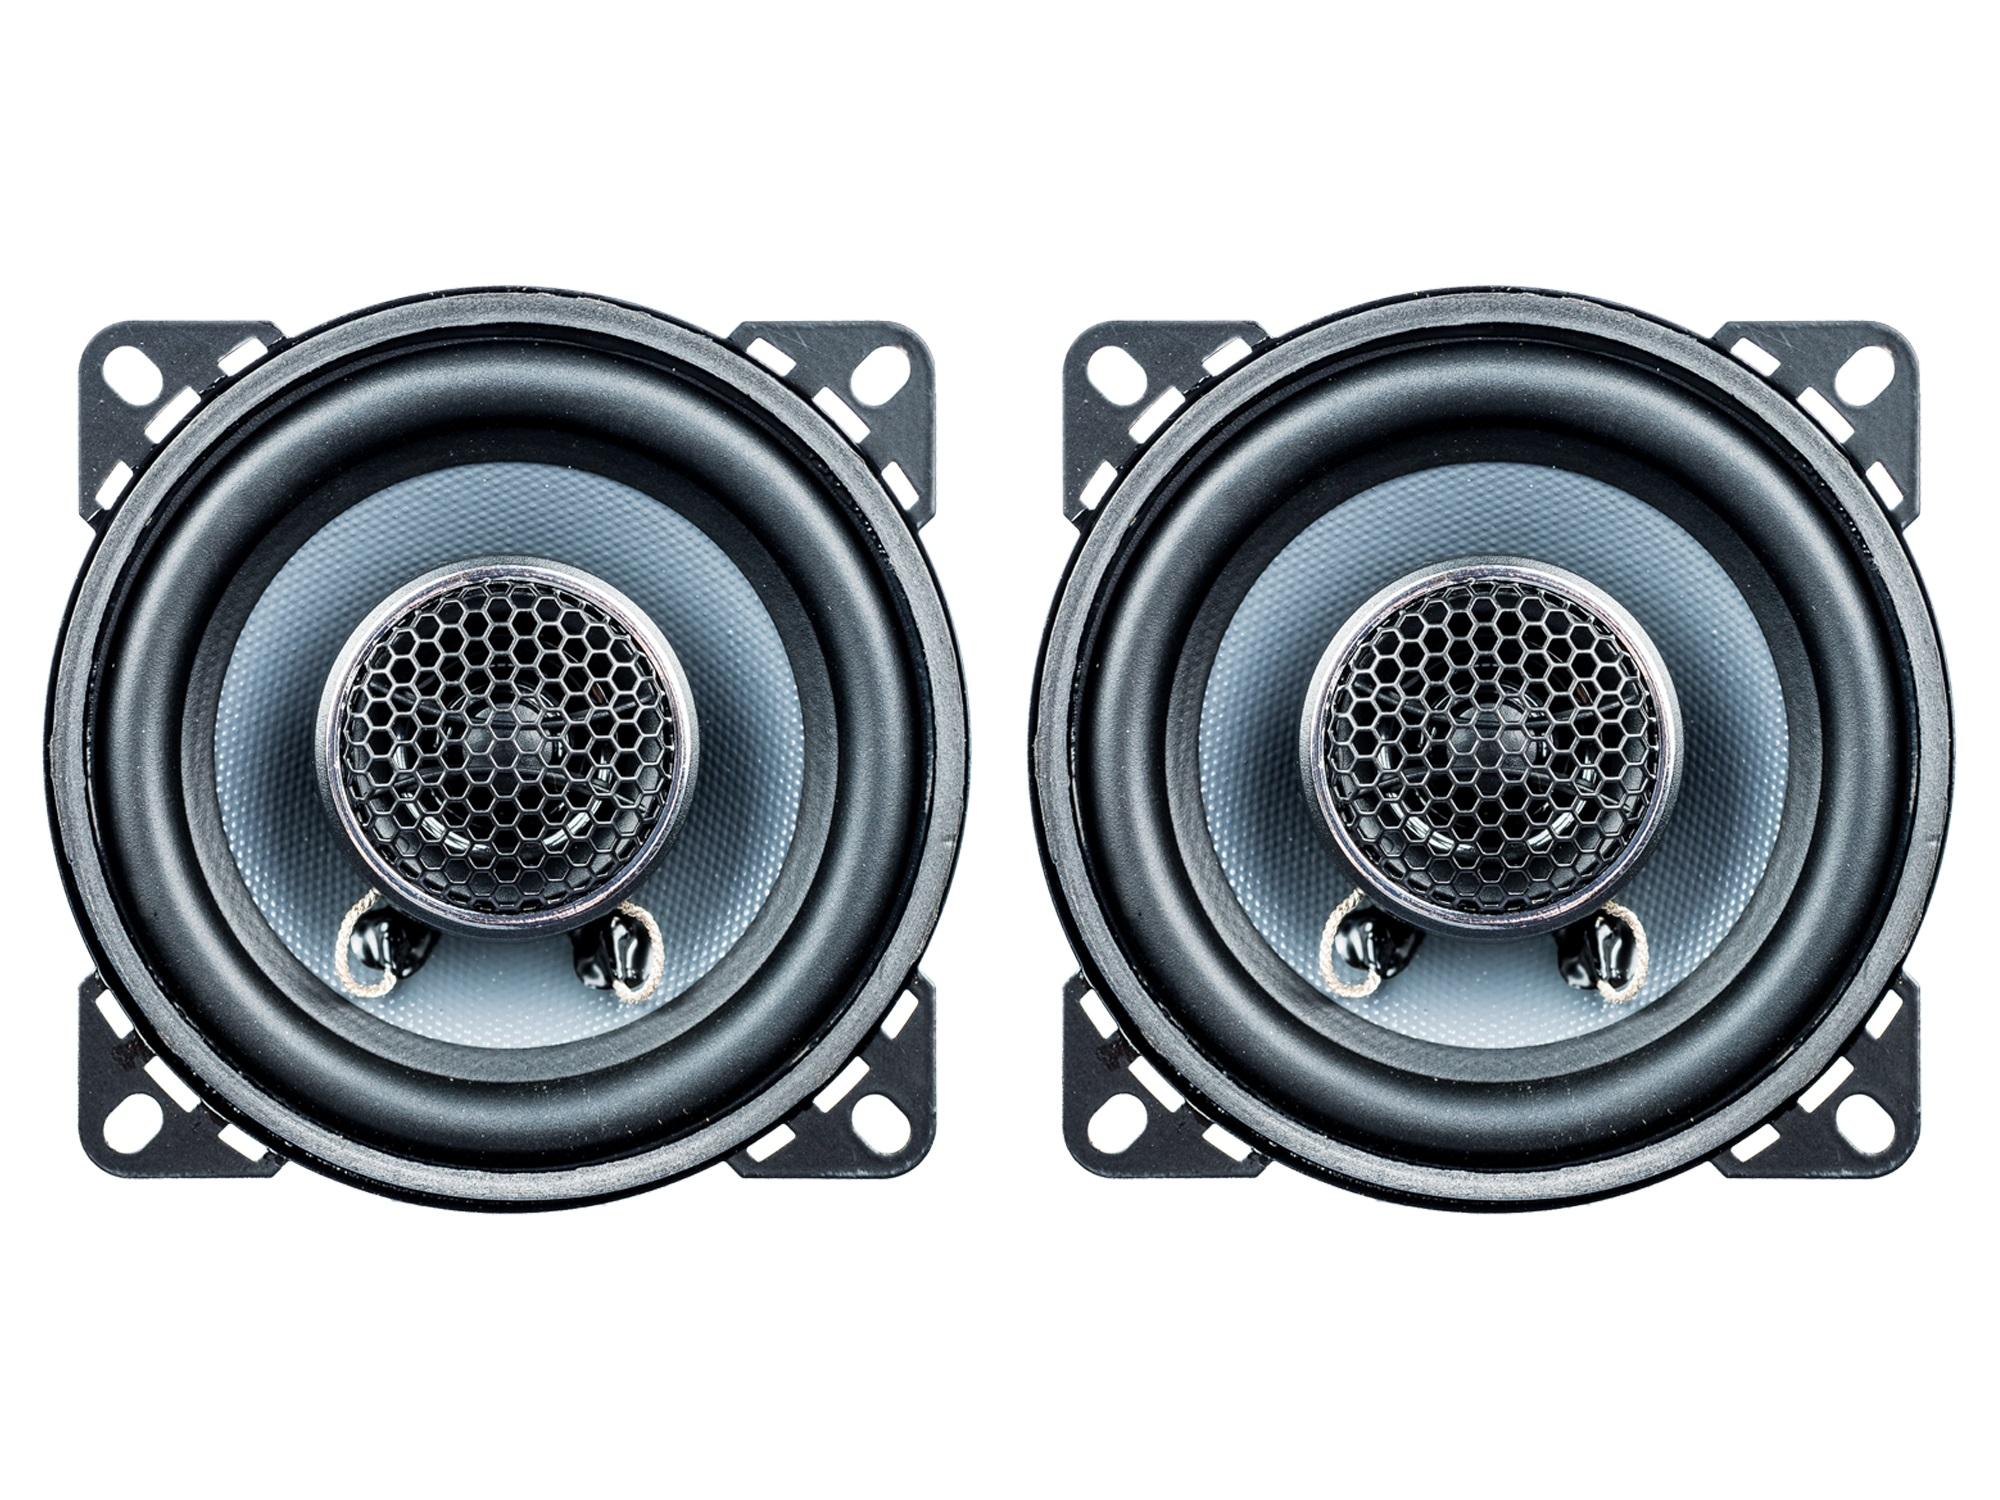 PG Audio EVO III,10.2 2 Wege Coax Lautsprecher 150 Watt passend für Daewoo,Daihatsu, Hyundai,Honda 001